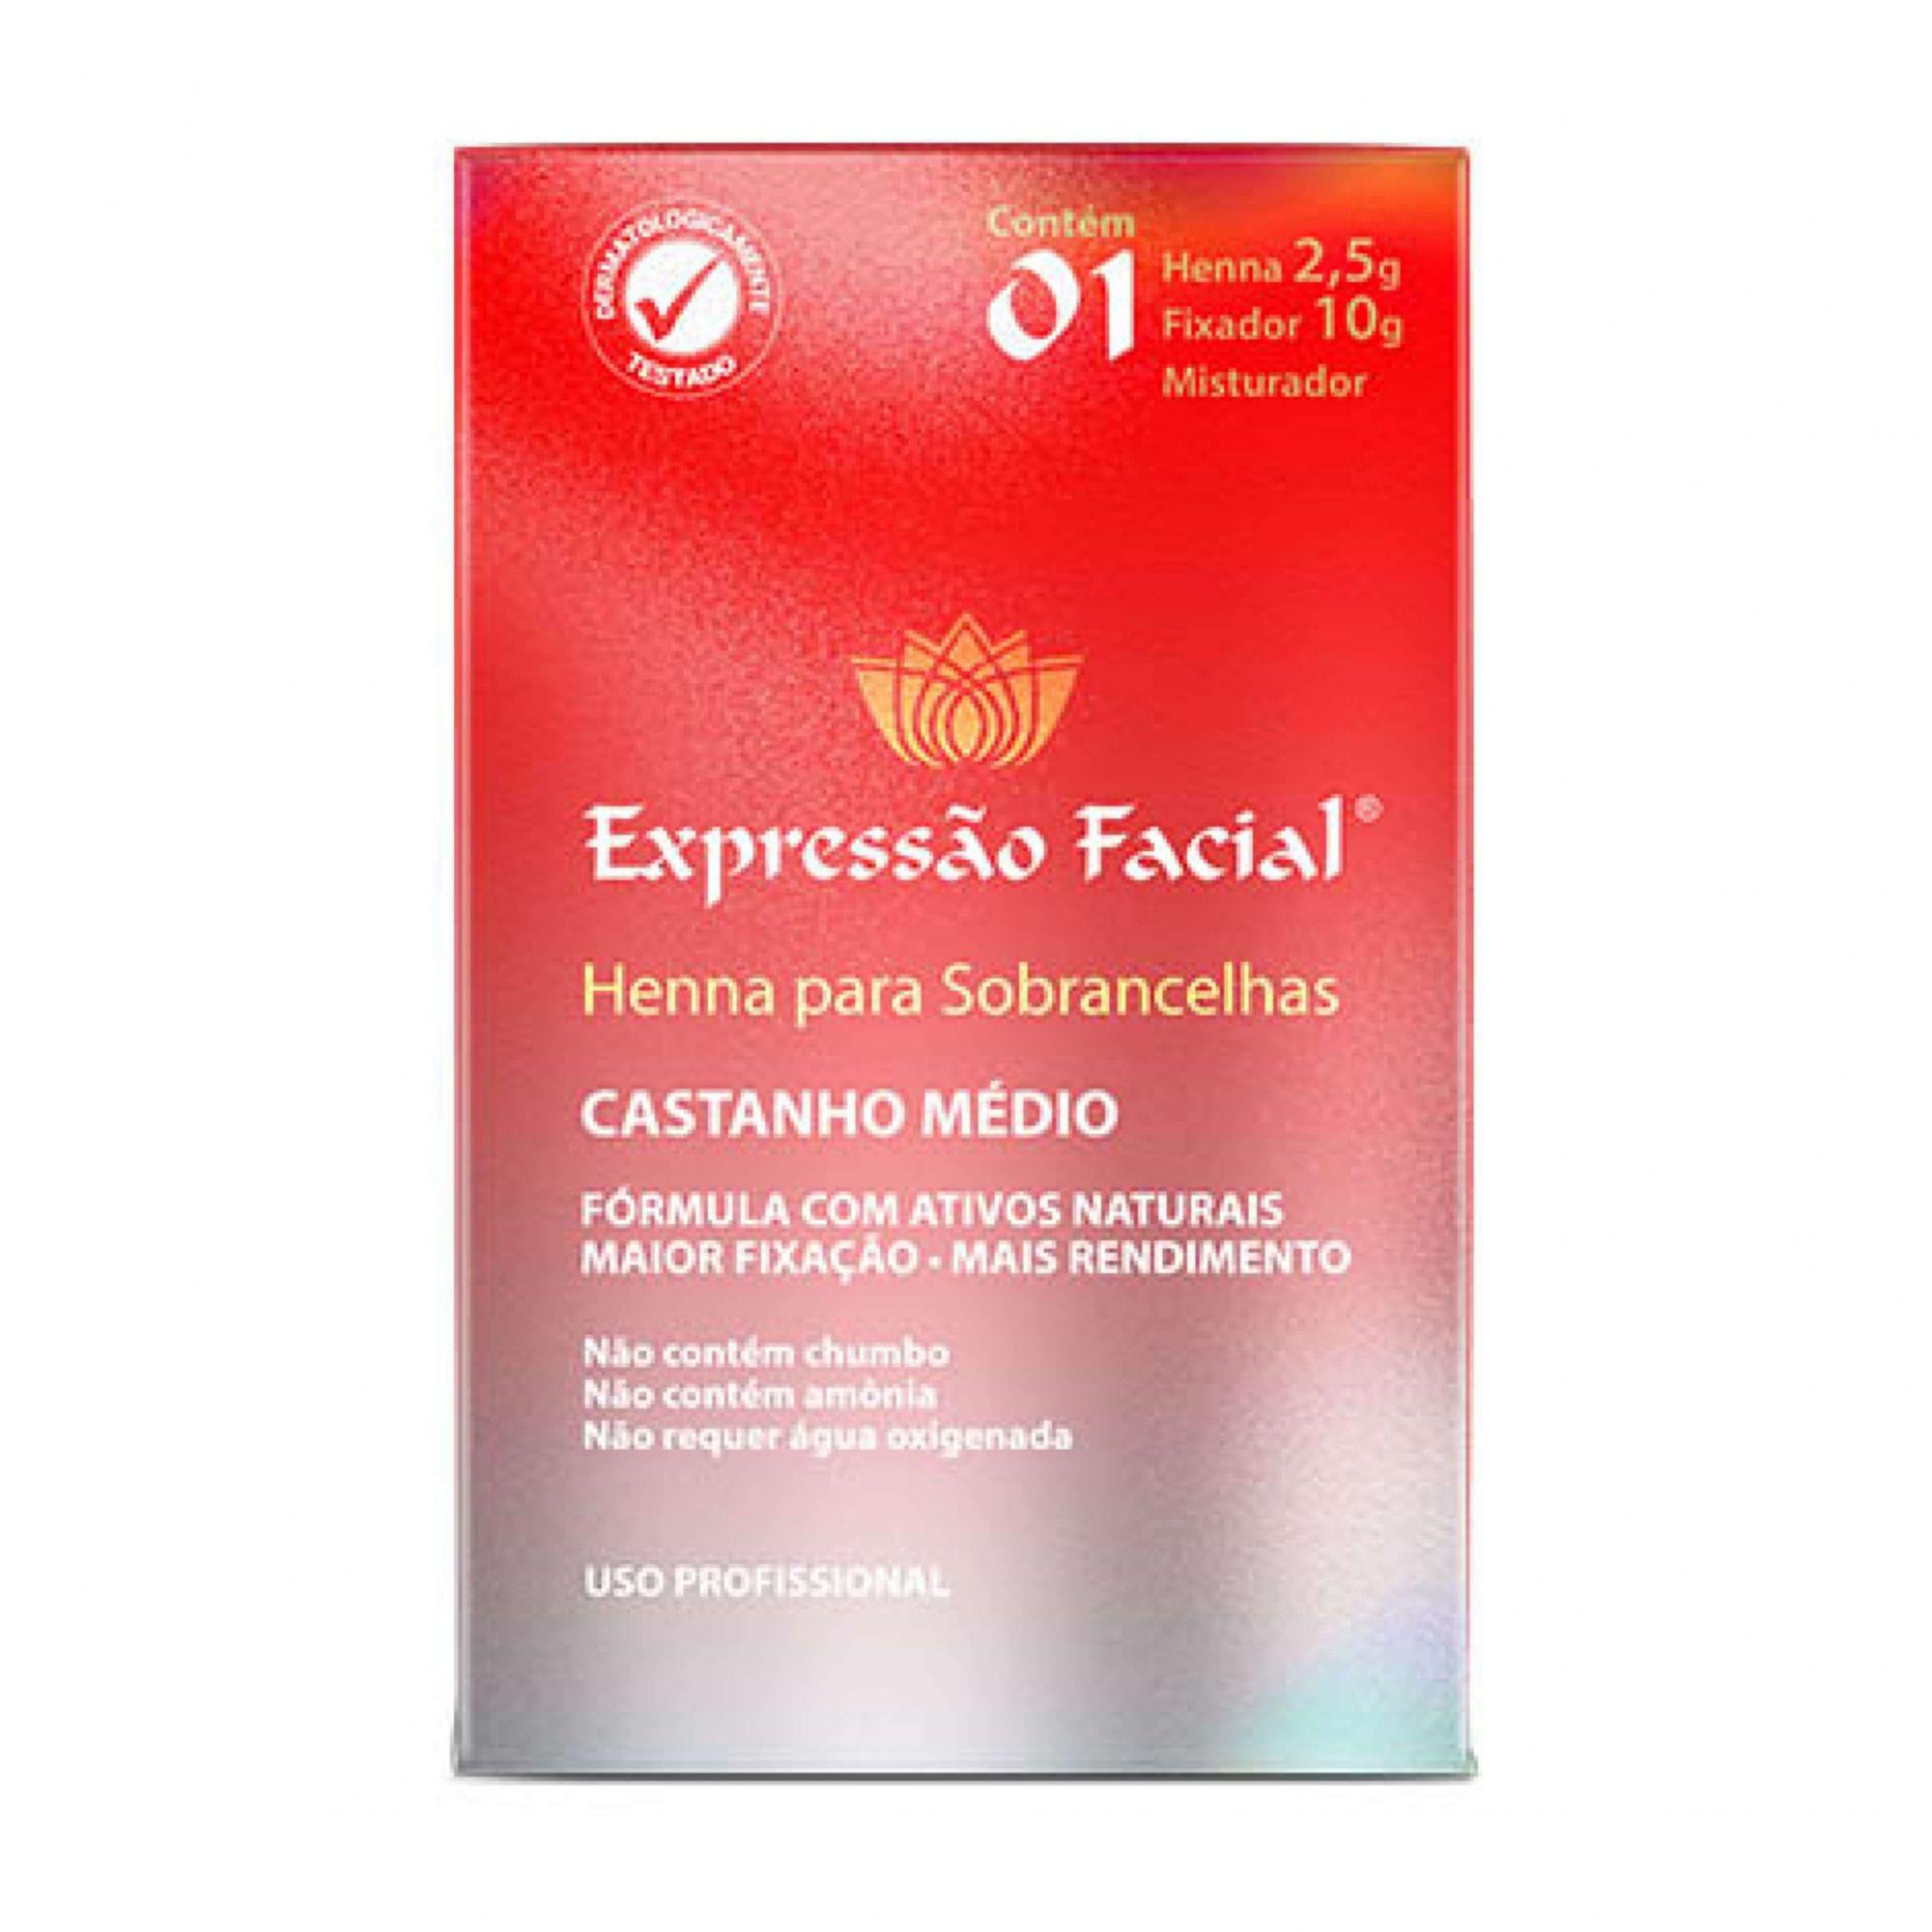 Henna Para Sobrancelhas Expressão Facial - Castanho Médio 2,5g